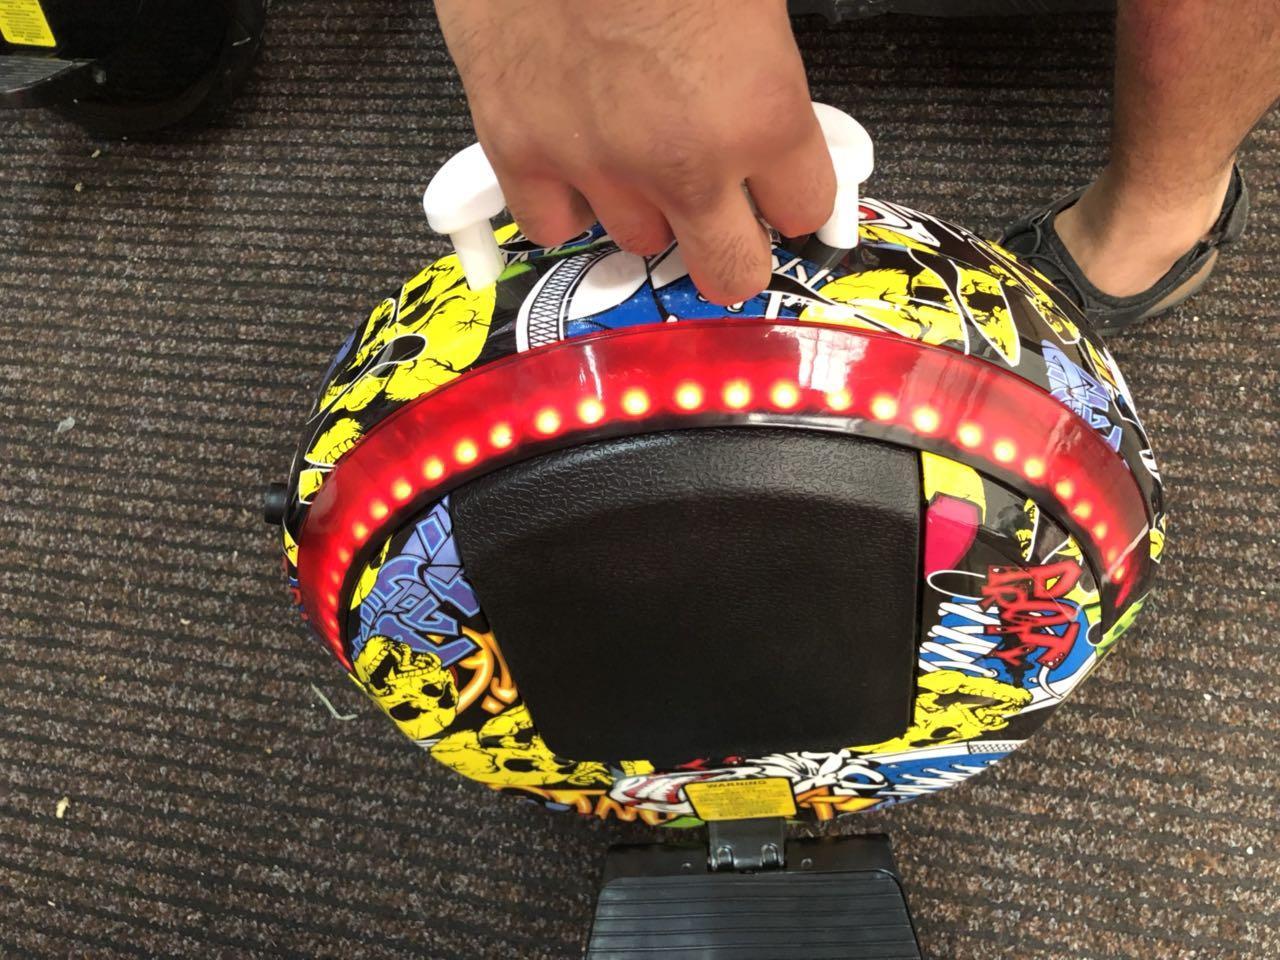 """Моноколесо 14""""  Segway one E+ с вспомогательными колесами, подсветкой. Моноцикл сигвей, гироскутер, гироборд. Желтая футуристическая"""